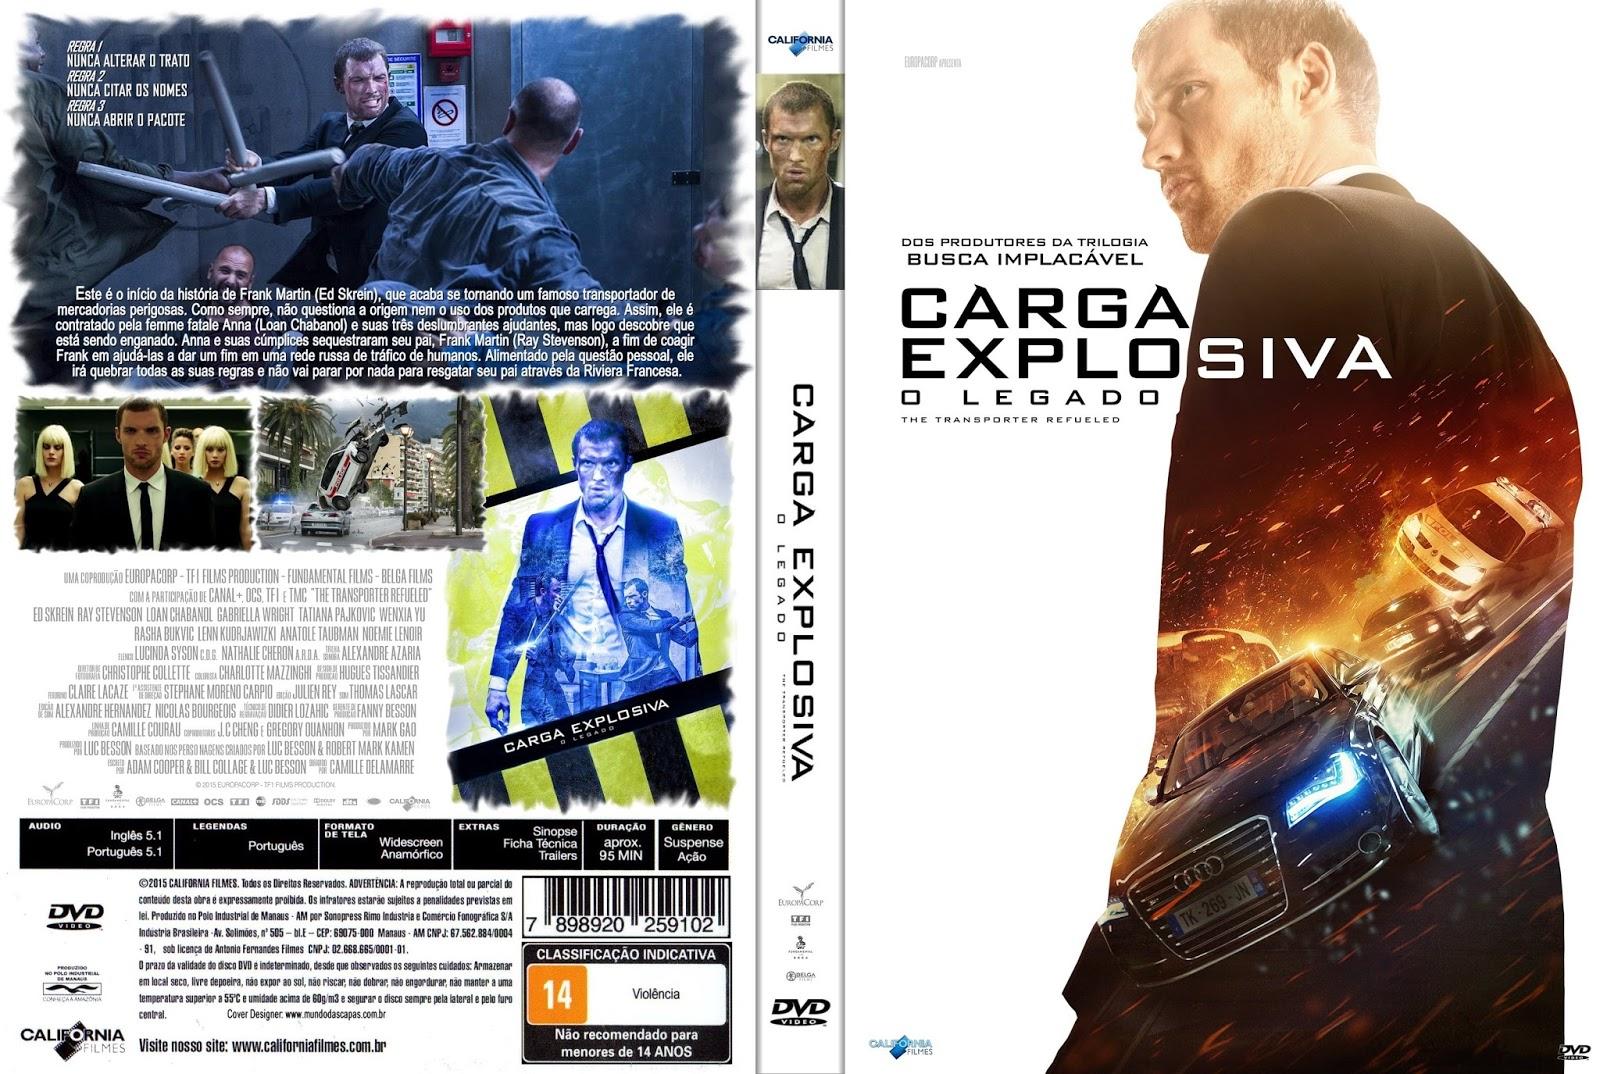 Download Carga Explosiva O Legado BDRip XviD Dual Áudio Carga 2BExplosiva 2BO 2BLegado 2BXANDAO 2BDOWNLOAD